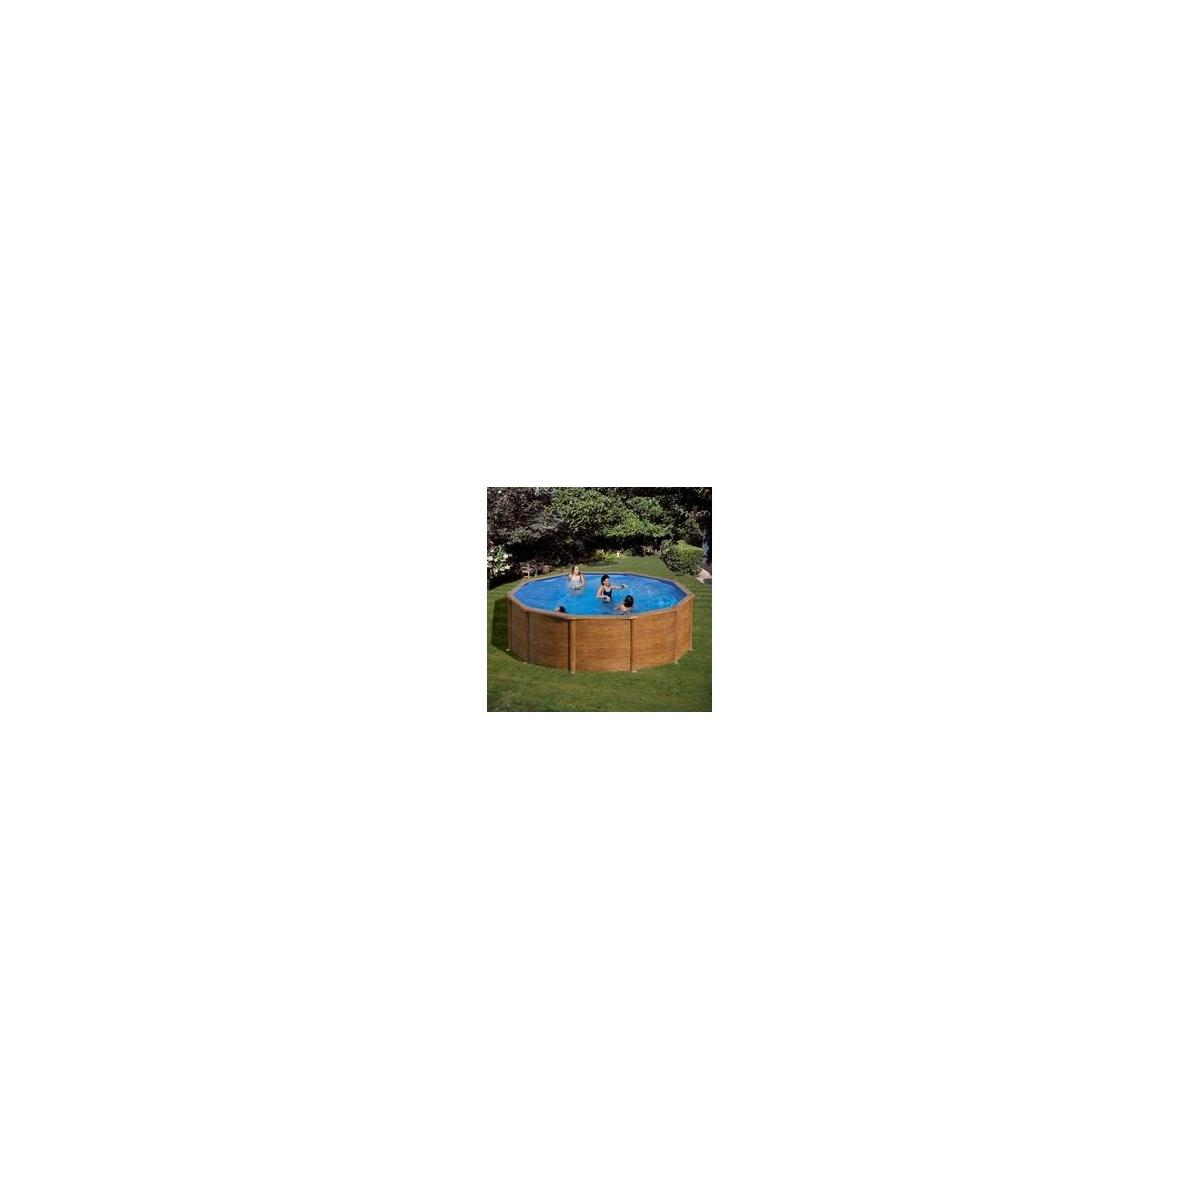 PISCINA DE ACERO ASPECTO MADERA - Redonda Ø350x120cm